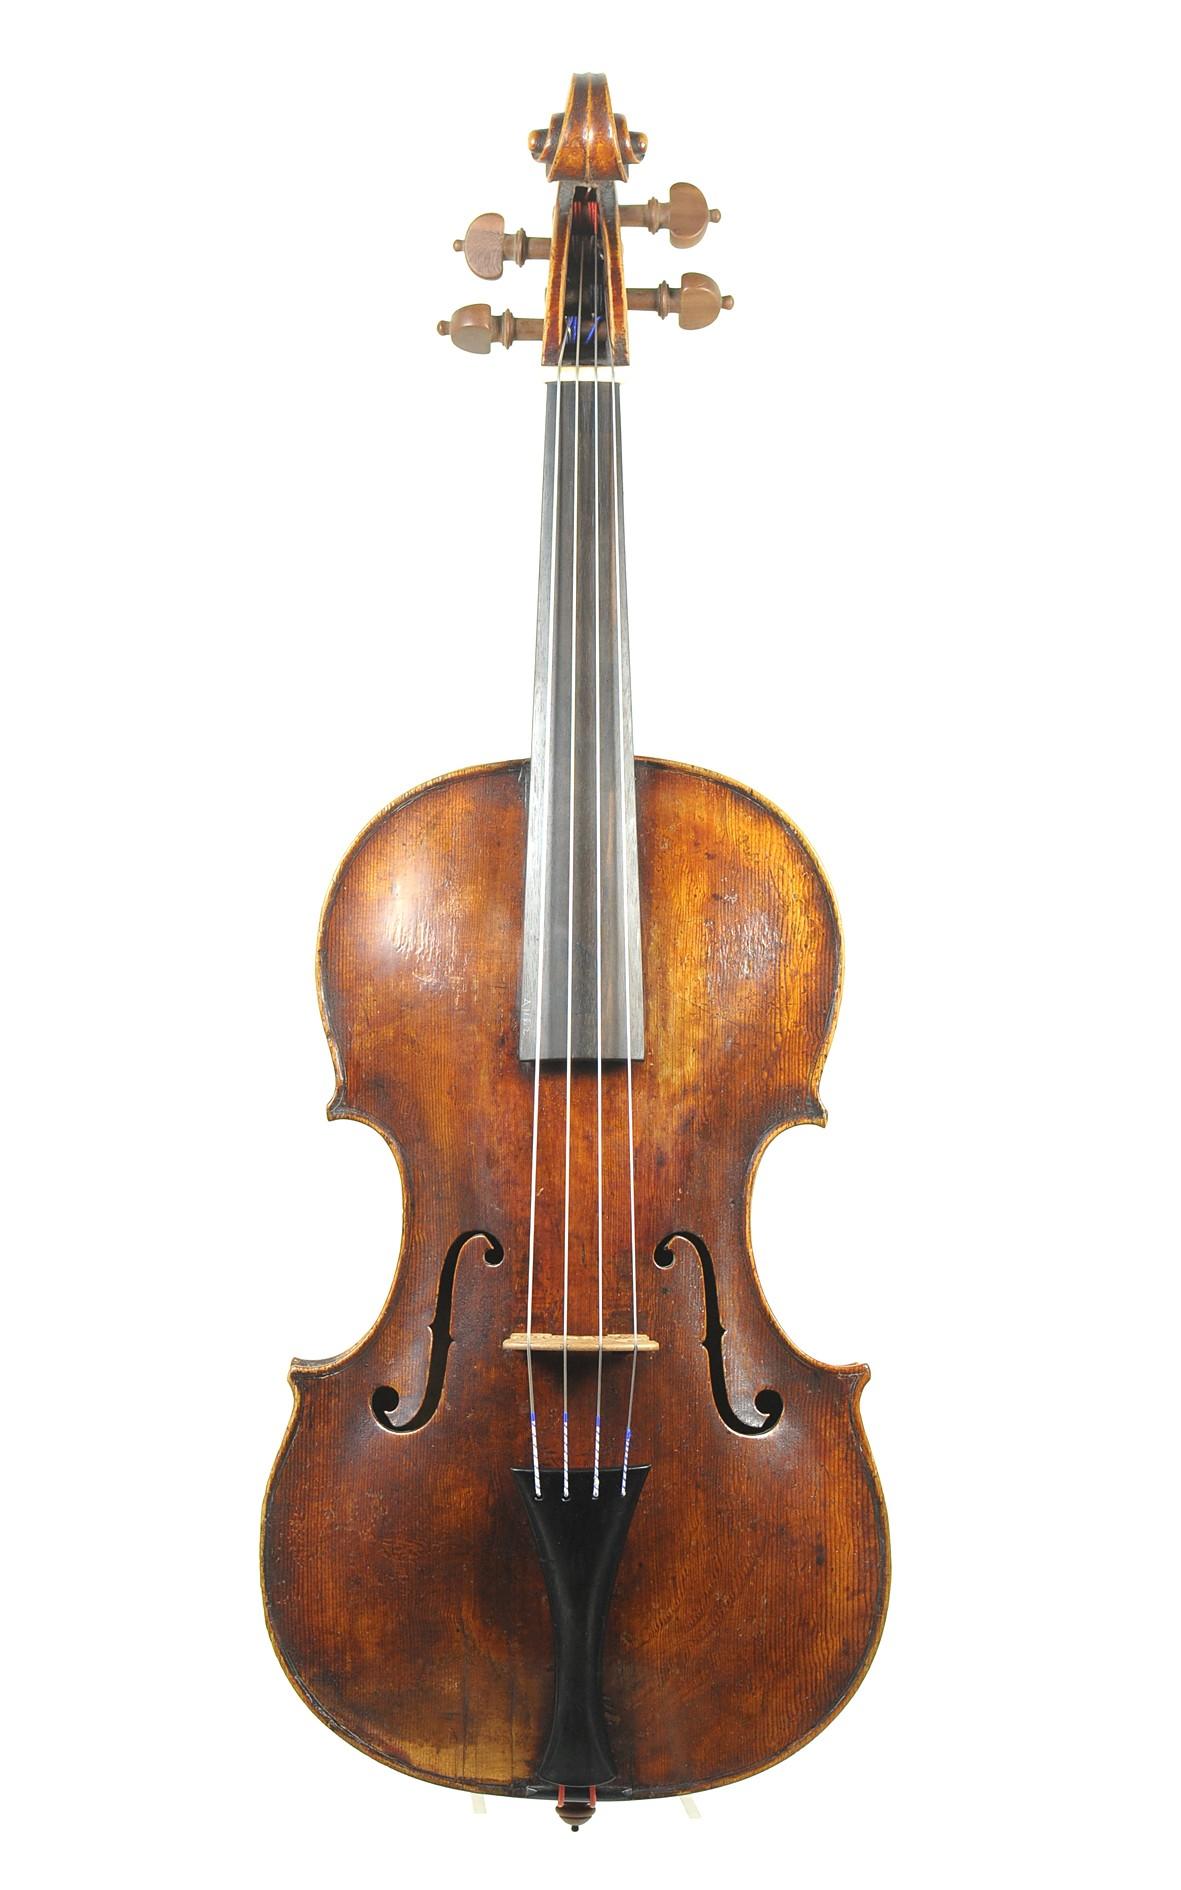 Southern German baroque viola circa 1800